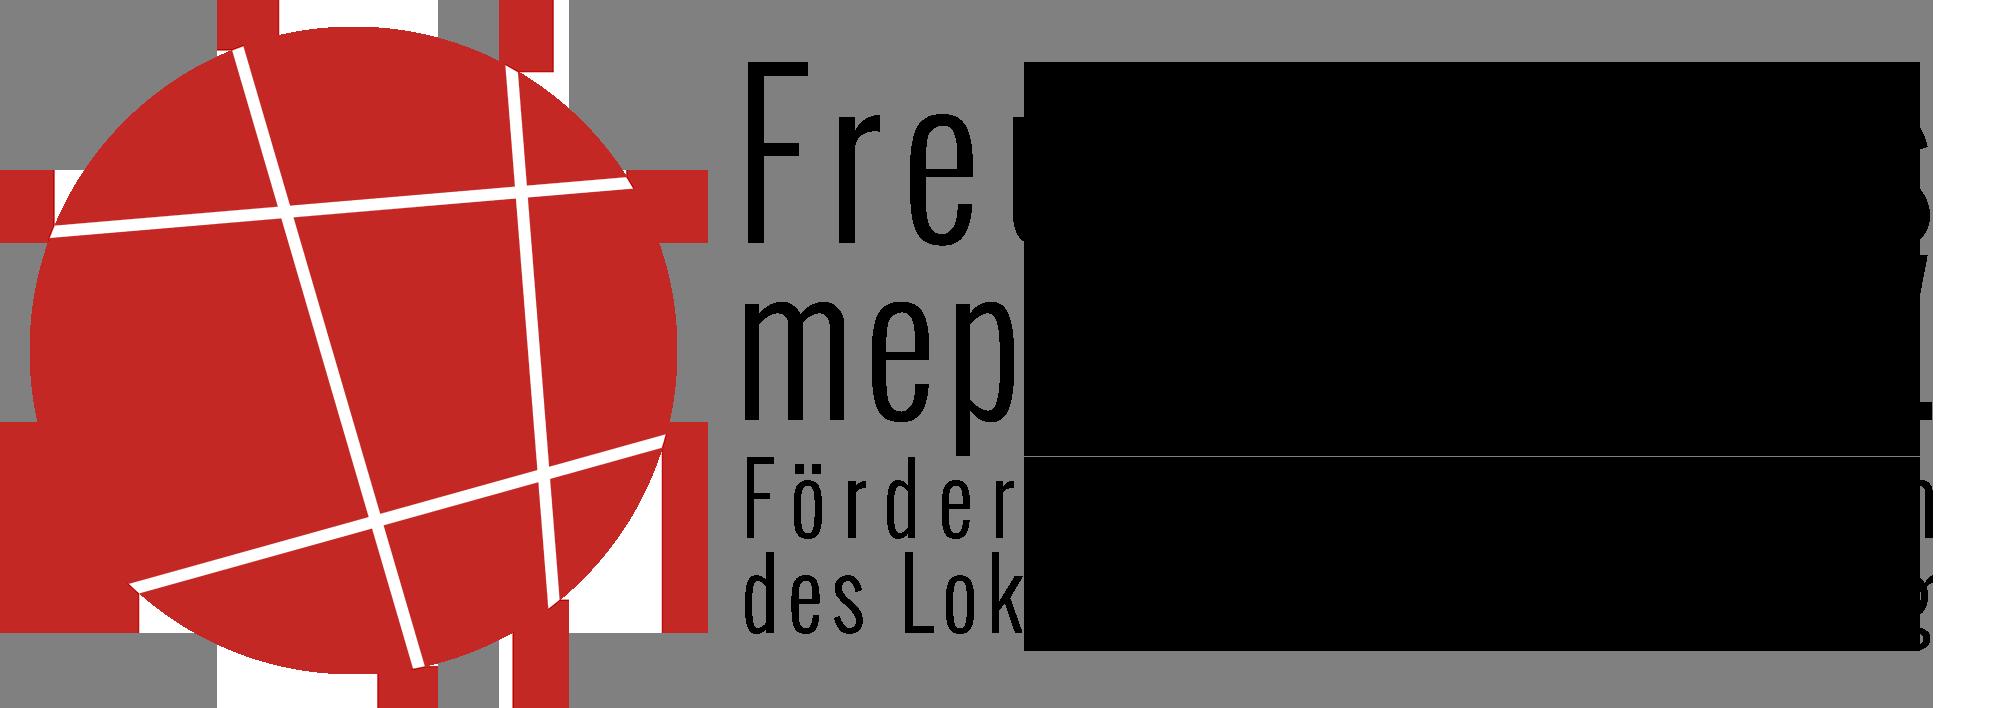 Logo des Freundeskreis mephisto 97.6 e.V., Förder- und Alumni-Verein des Lokalradios der Uni Leipzig